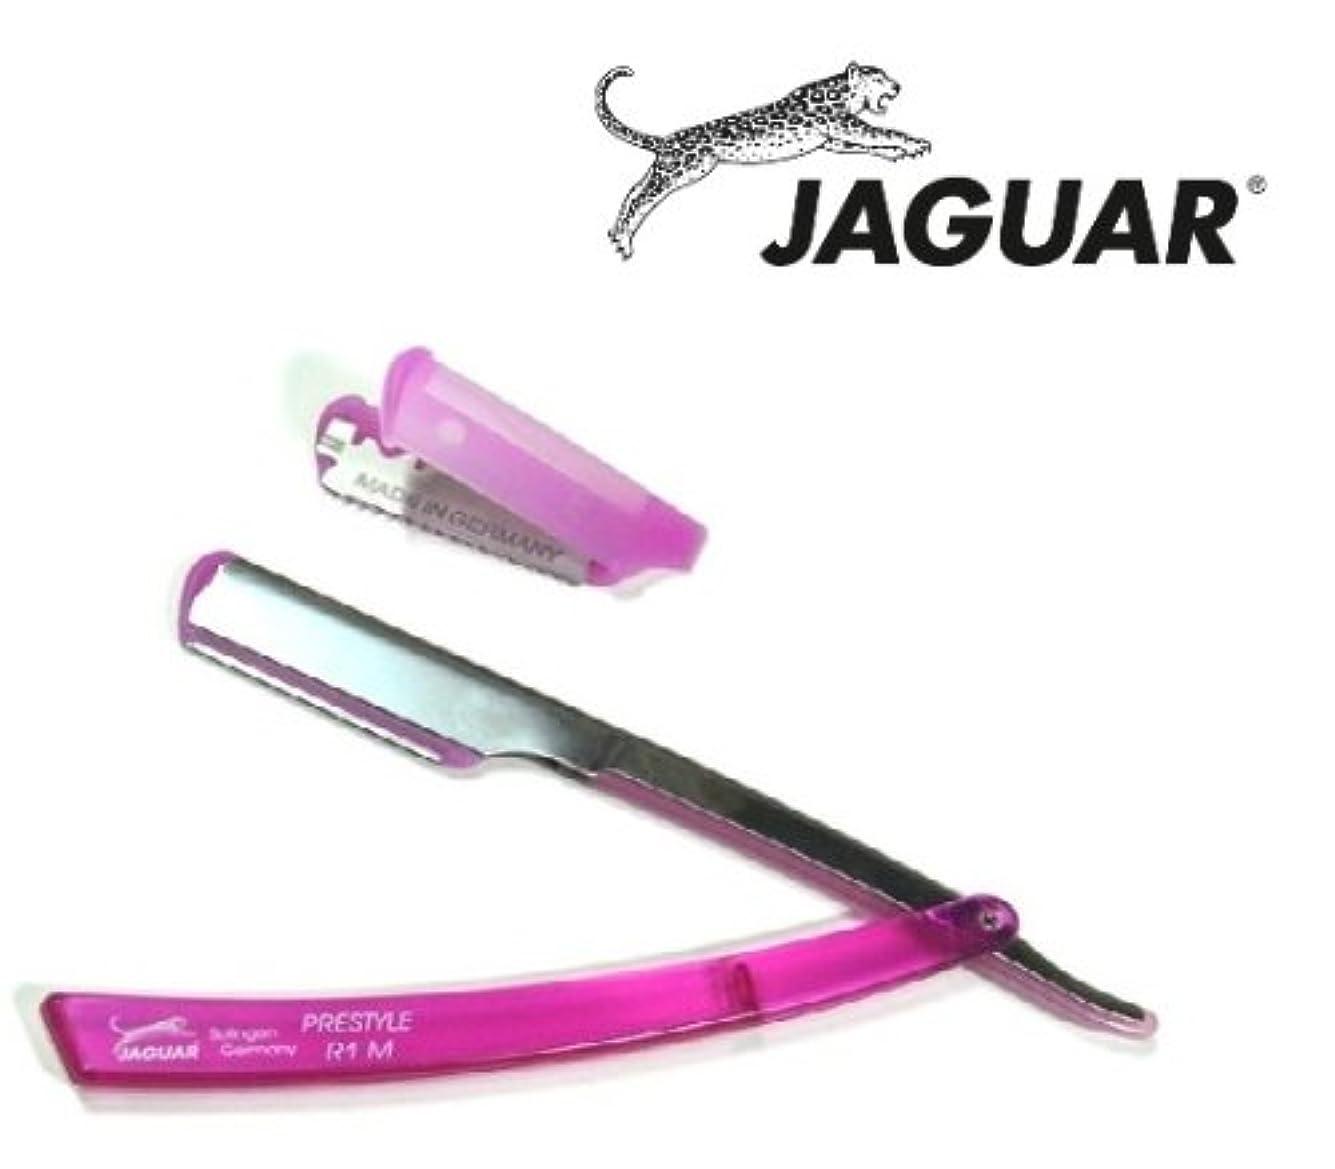 くそー惨めな破滅的なゾーリンゲン(独)ジャガー フェイスカミソリ 替刃巾39.4mm10枚付(20枚相当)プラチナステンレス ピンク